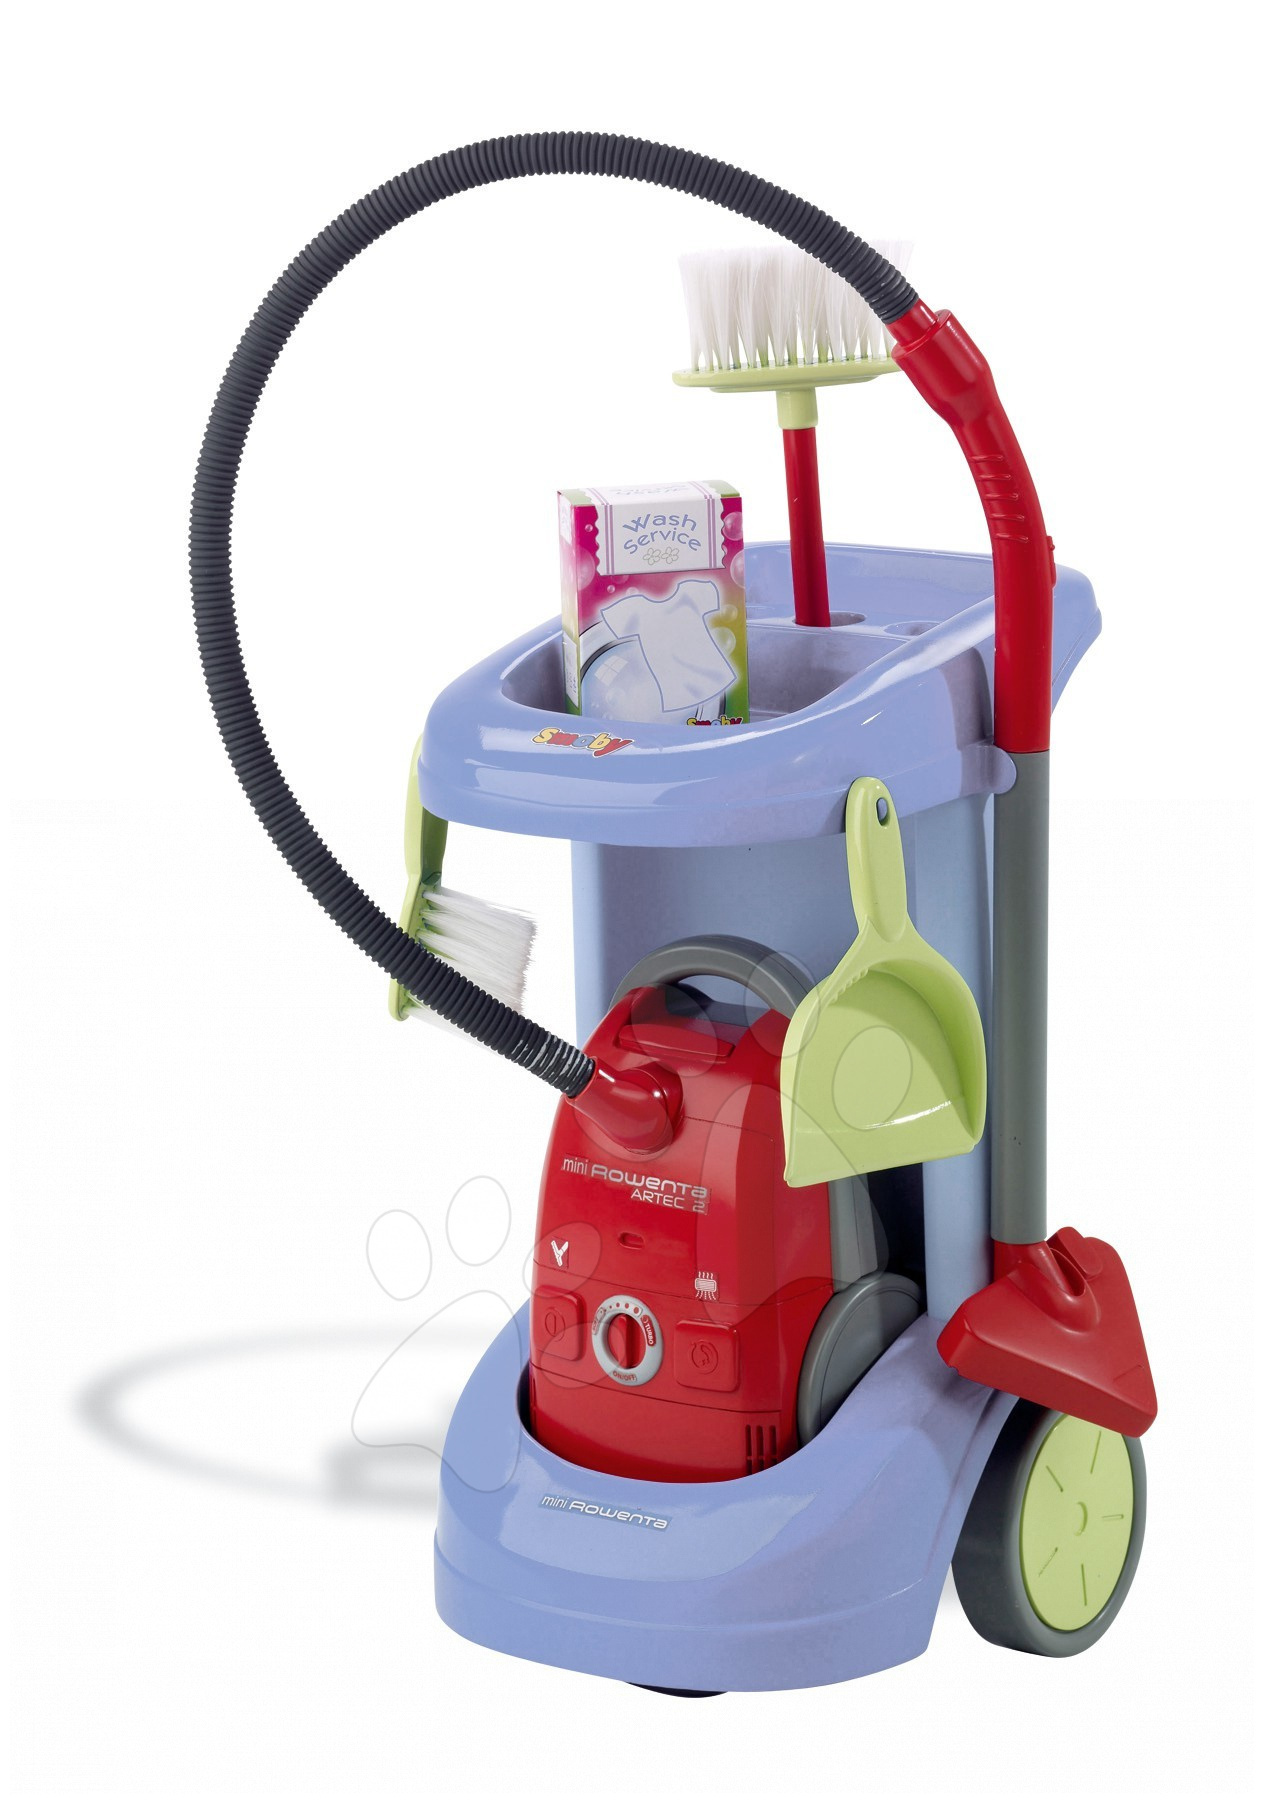 Hry na domácnost - Úklidový vozík Rowenta Smoby s elektronickým vysavačem modrý